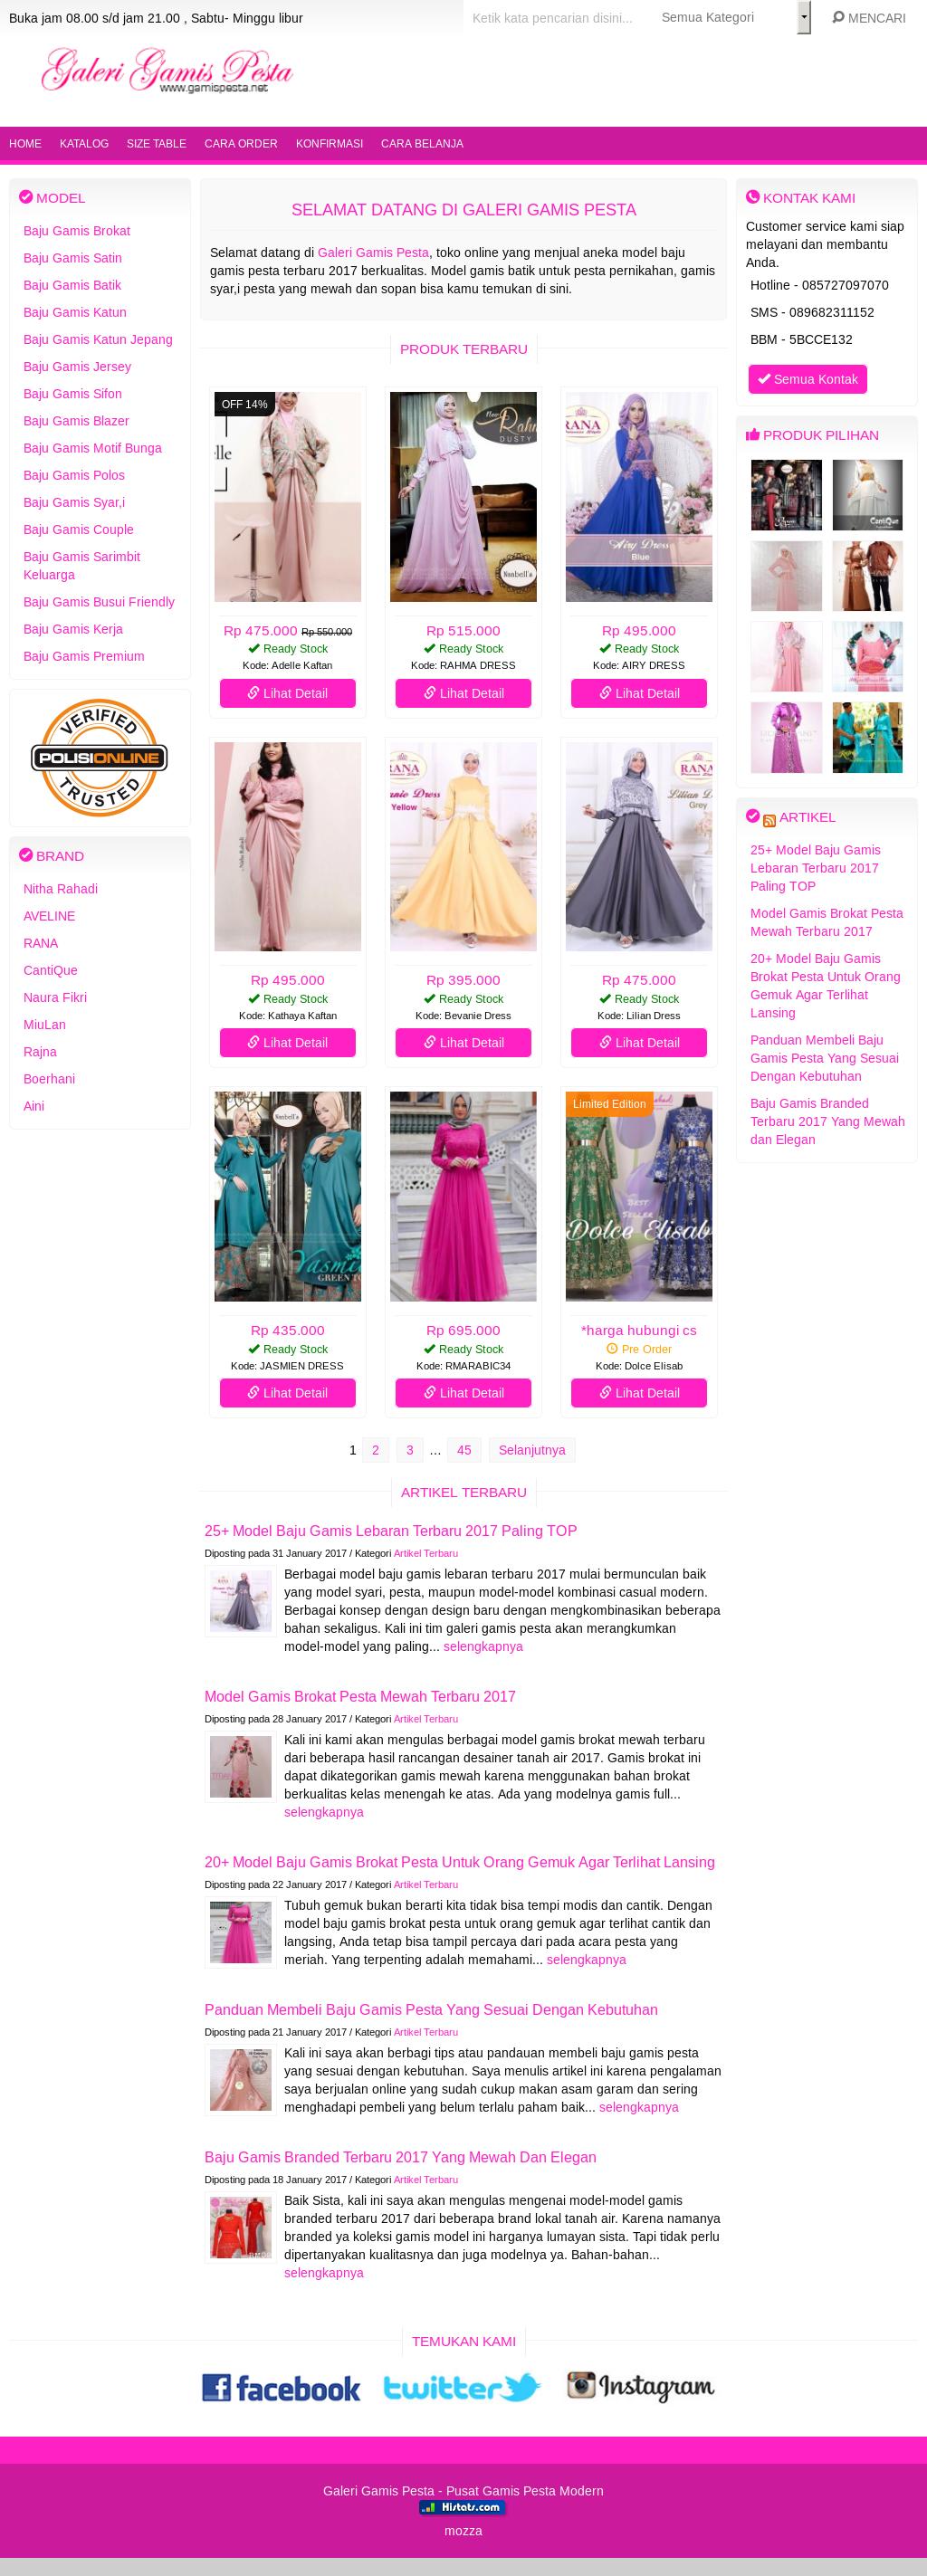 Owler Reports - Galeri Gamis Pesta Blog 12 Model Baju Gamis Modern